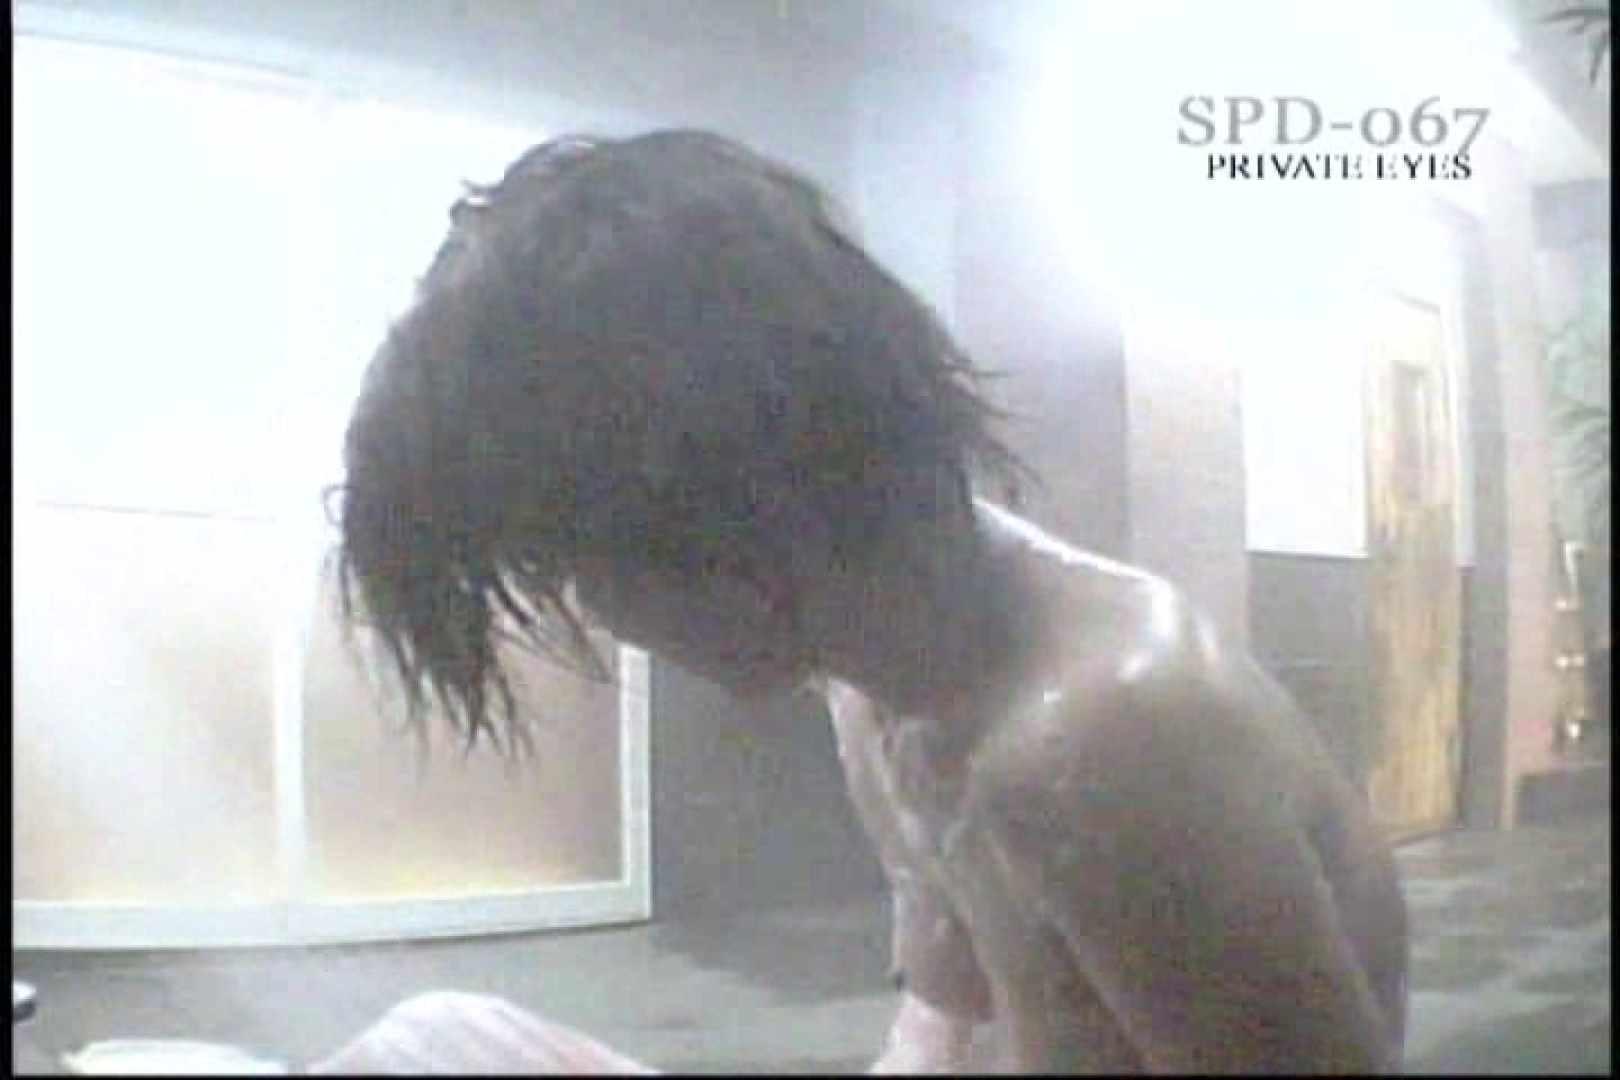 高画質版!SPD-067 脱衣所から洗面所まで 脱衣所で着替え   高画質  86PIX 6